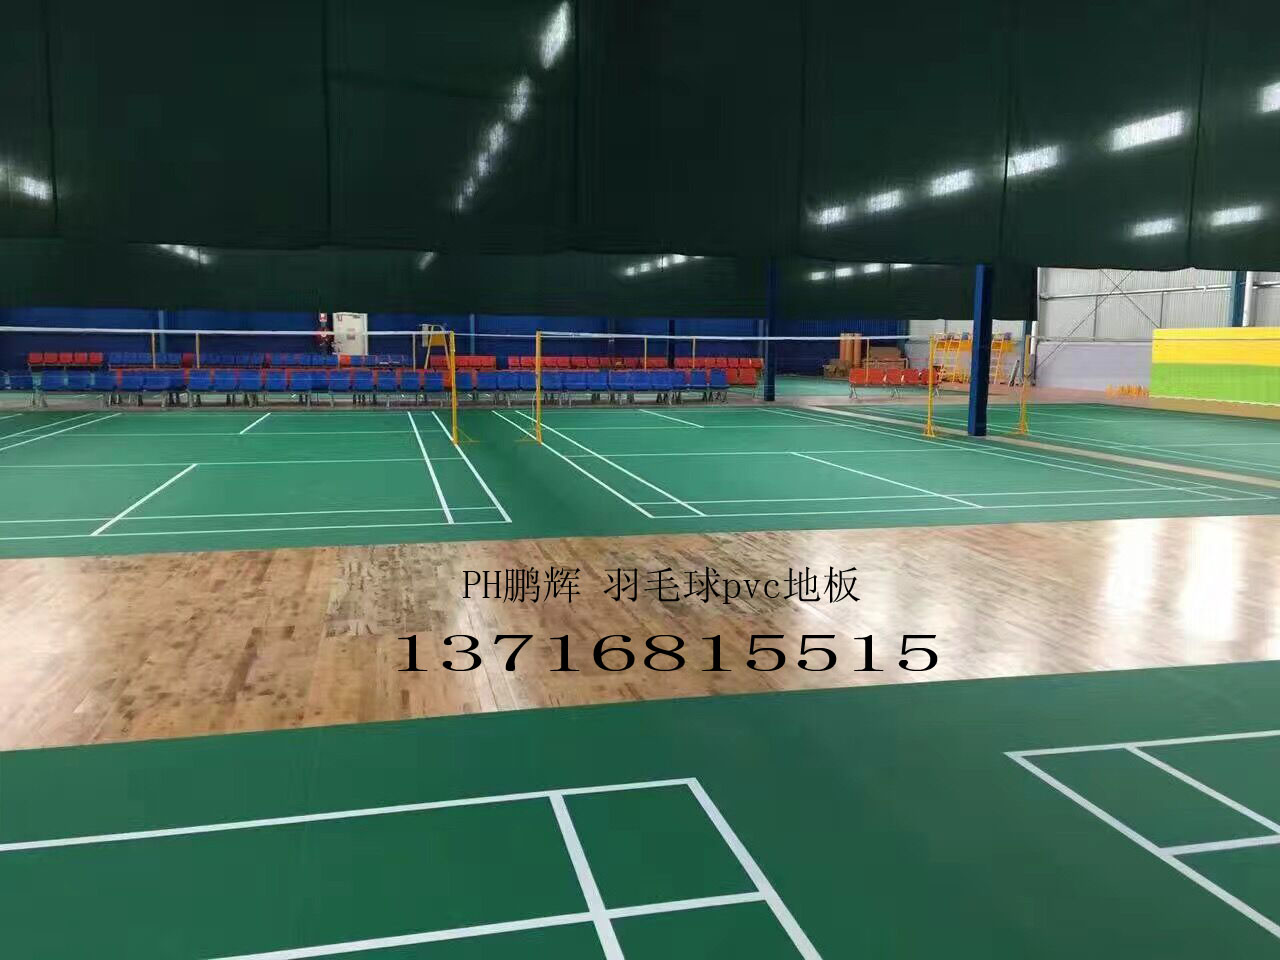 羽毛球专业地板 PVC羽毛球专业地板  羽毛球专业地板 运动地板